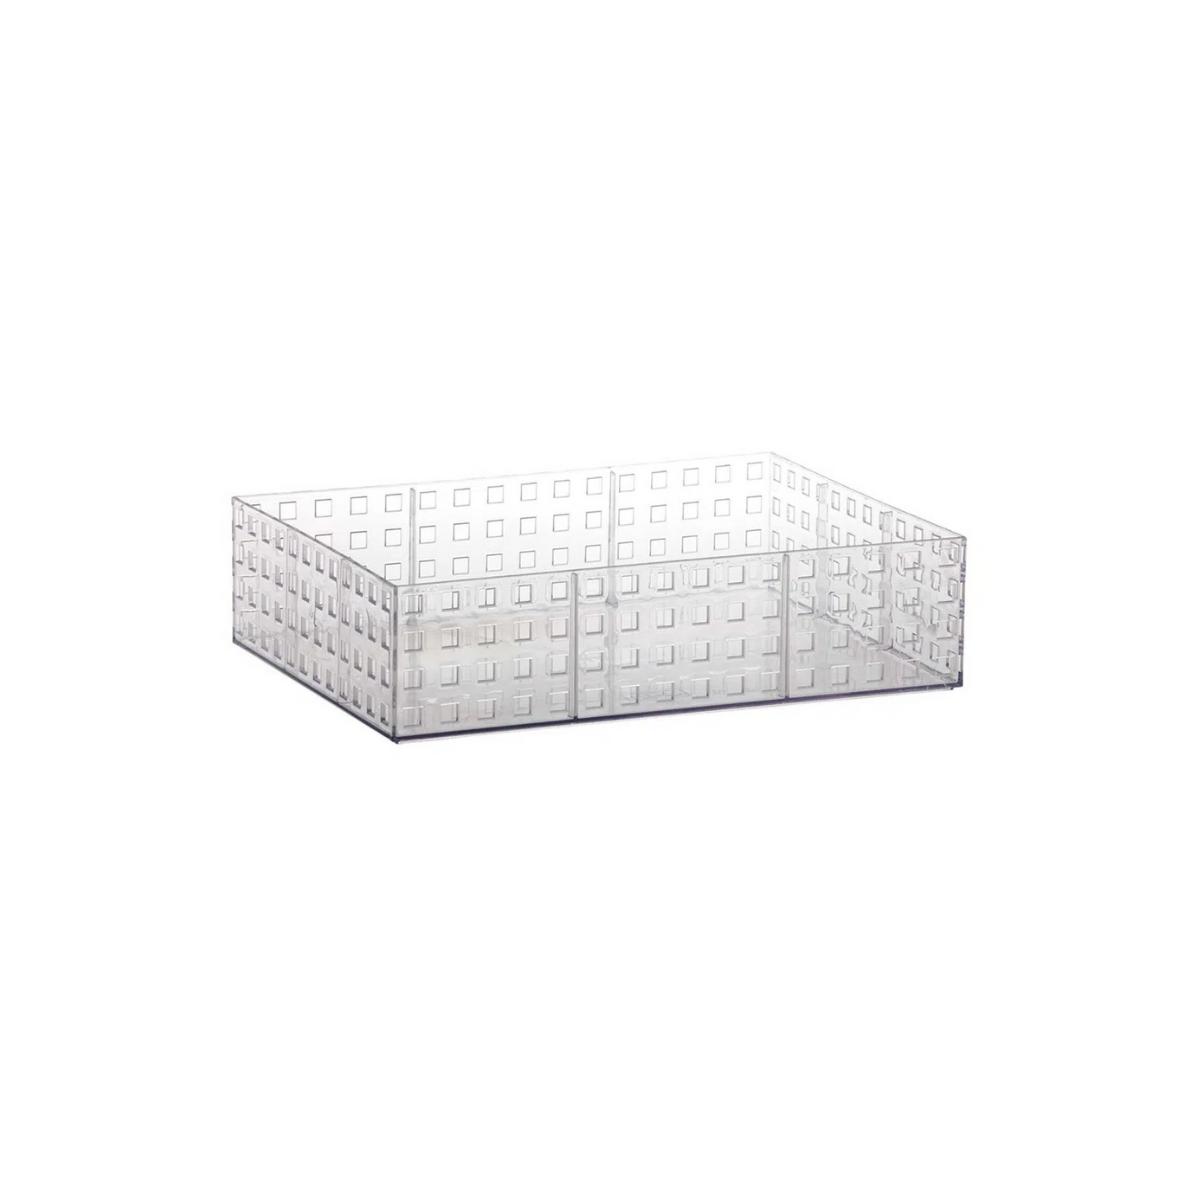 Organizador Acrílico Empilhável Quadratta 32x23x8cm